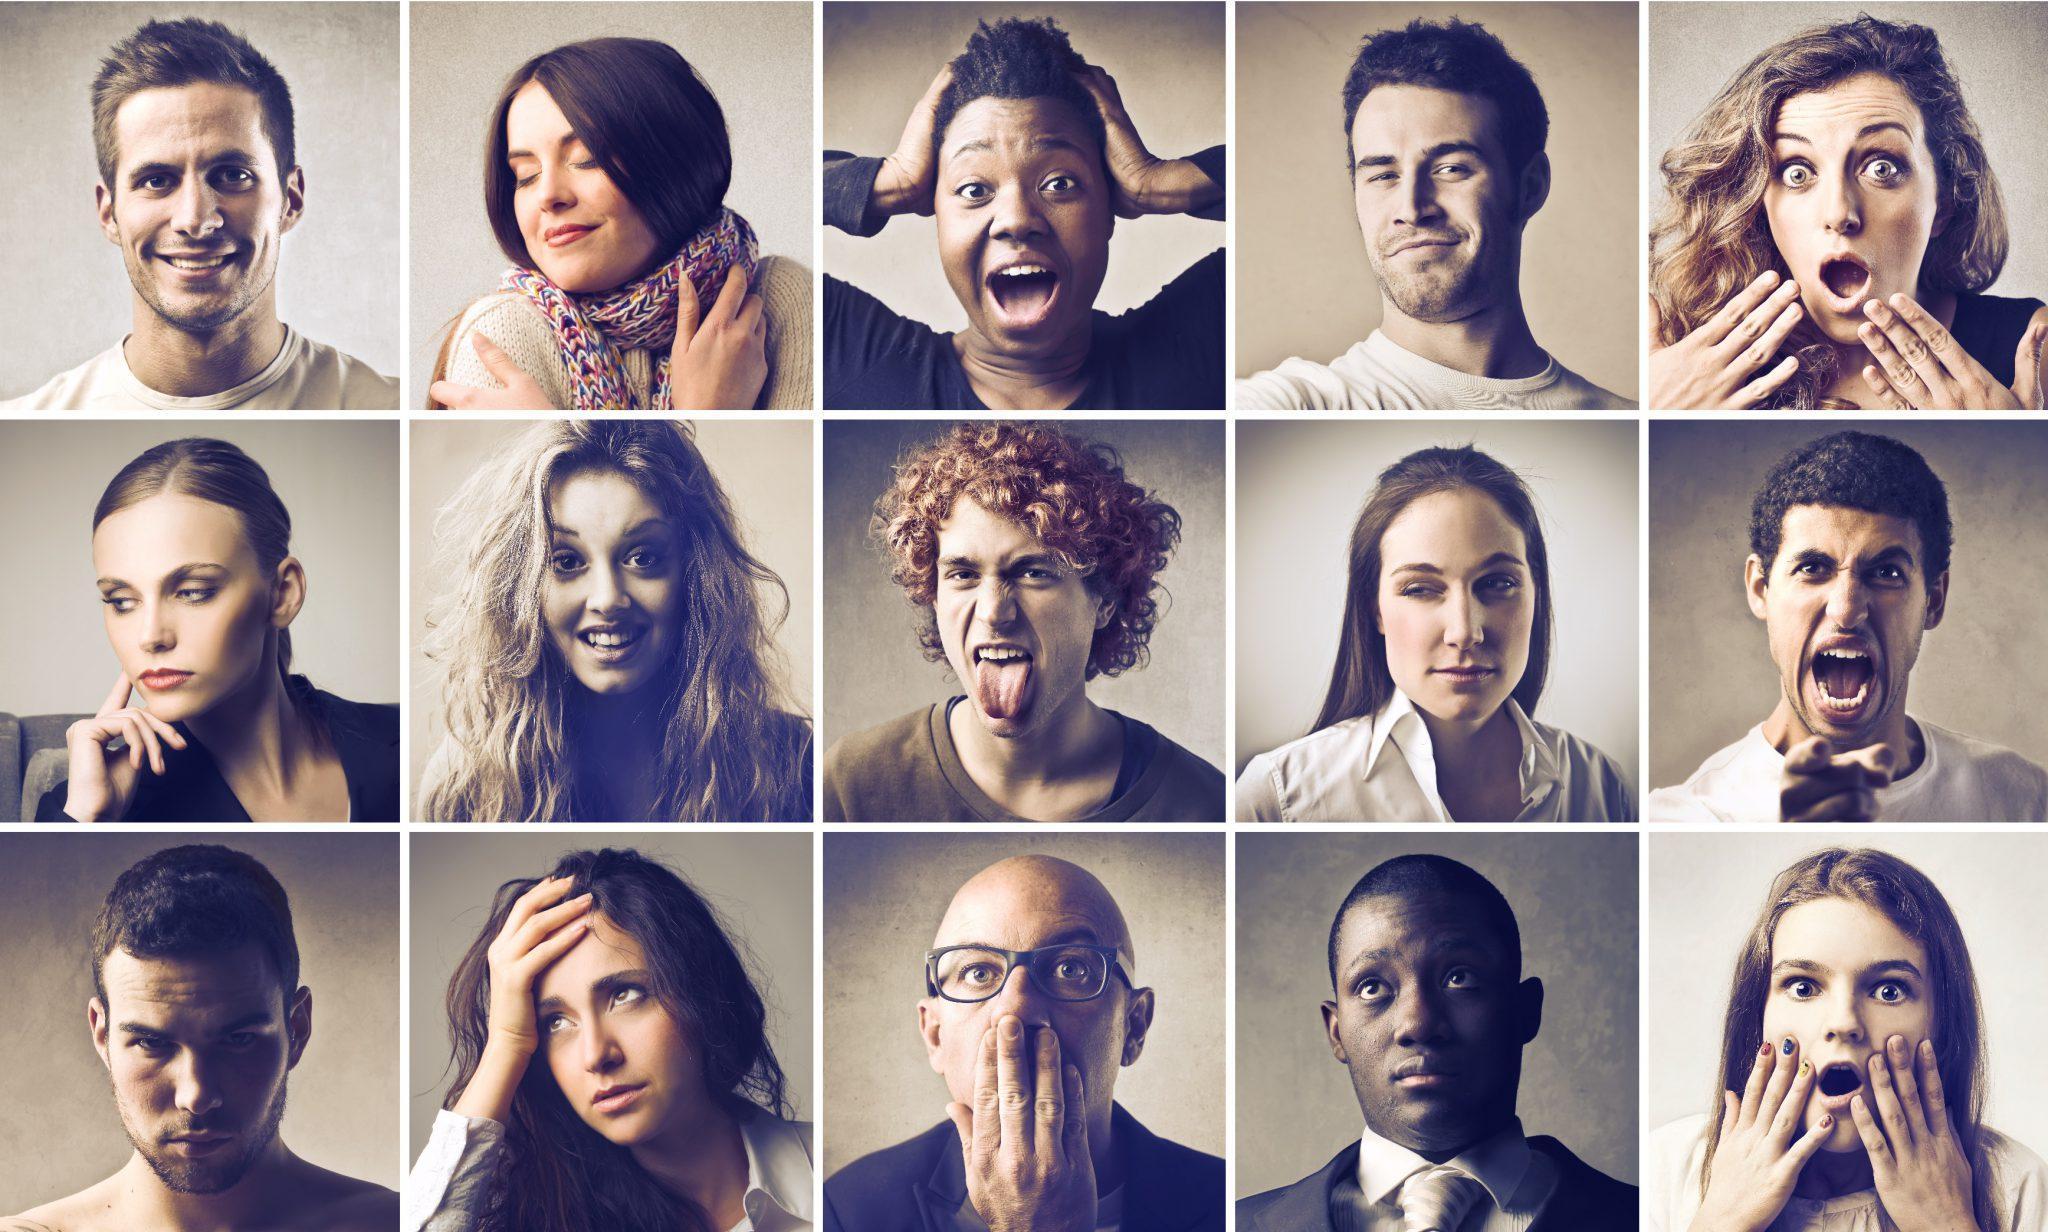 Чем мы понимаем эмоции друг друга?